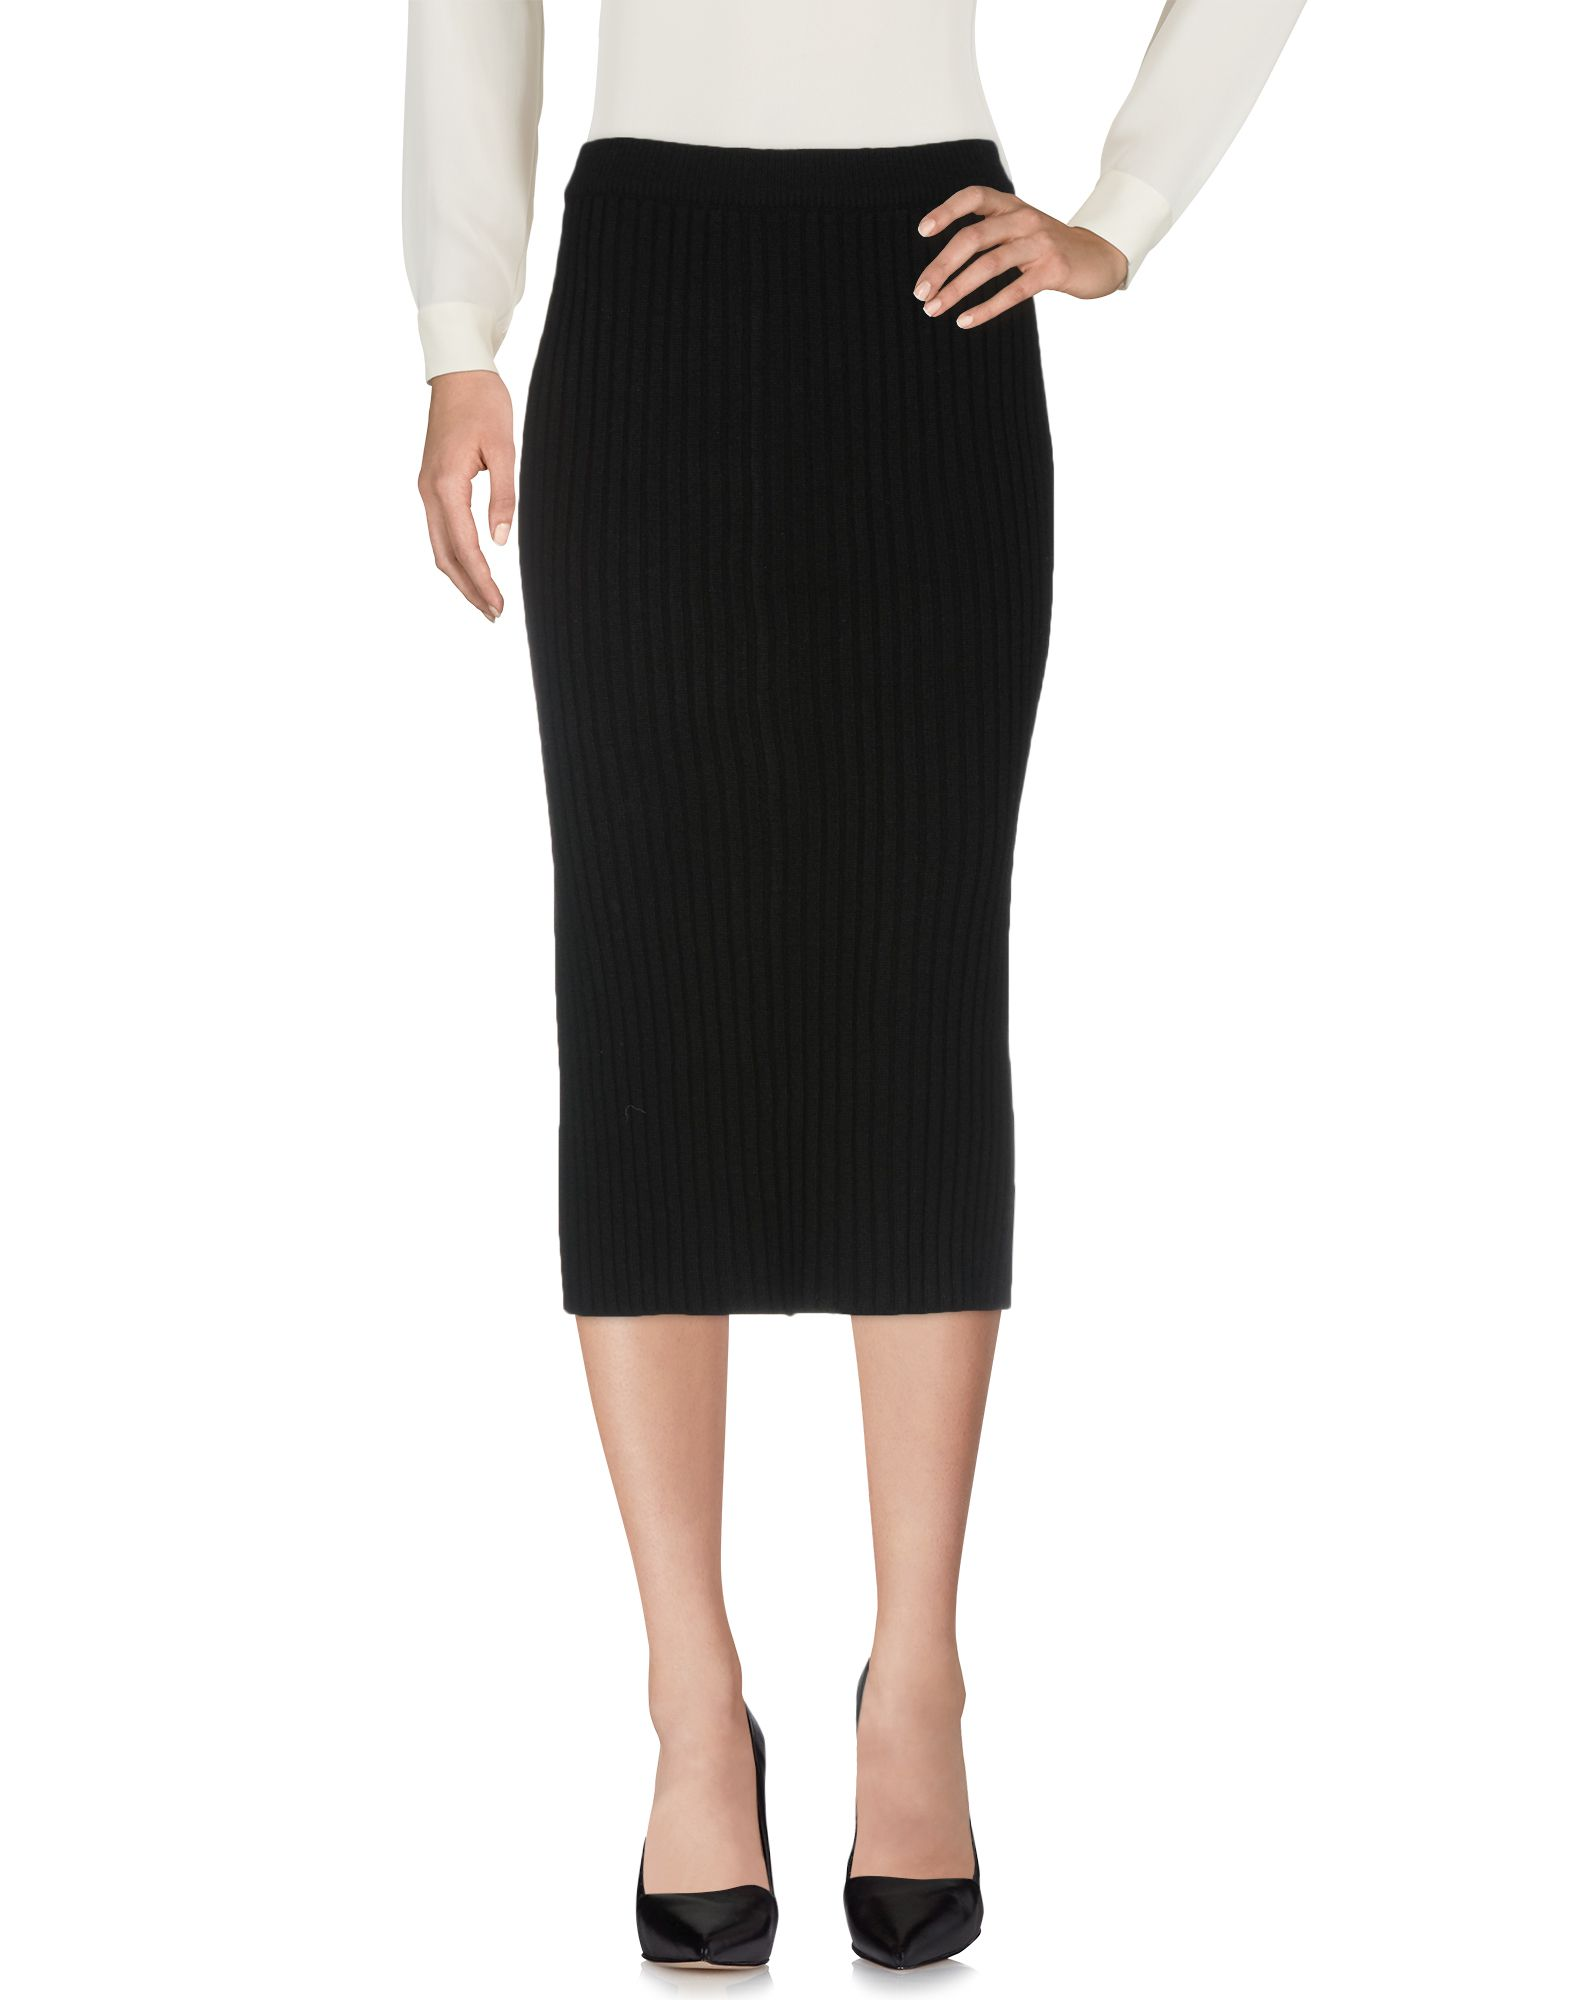 ALYKI Midi Skirts in Black